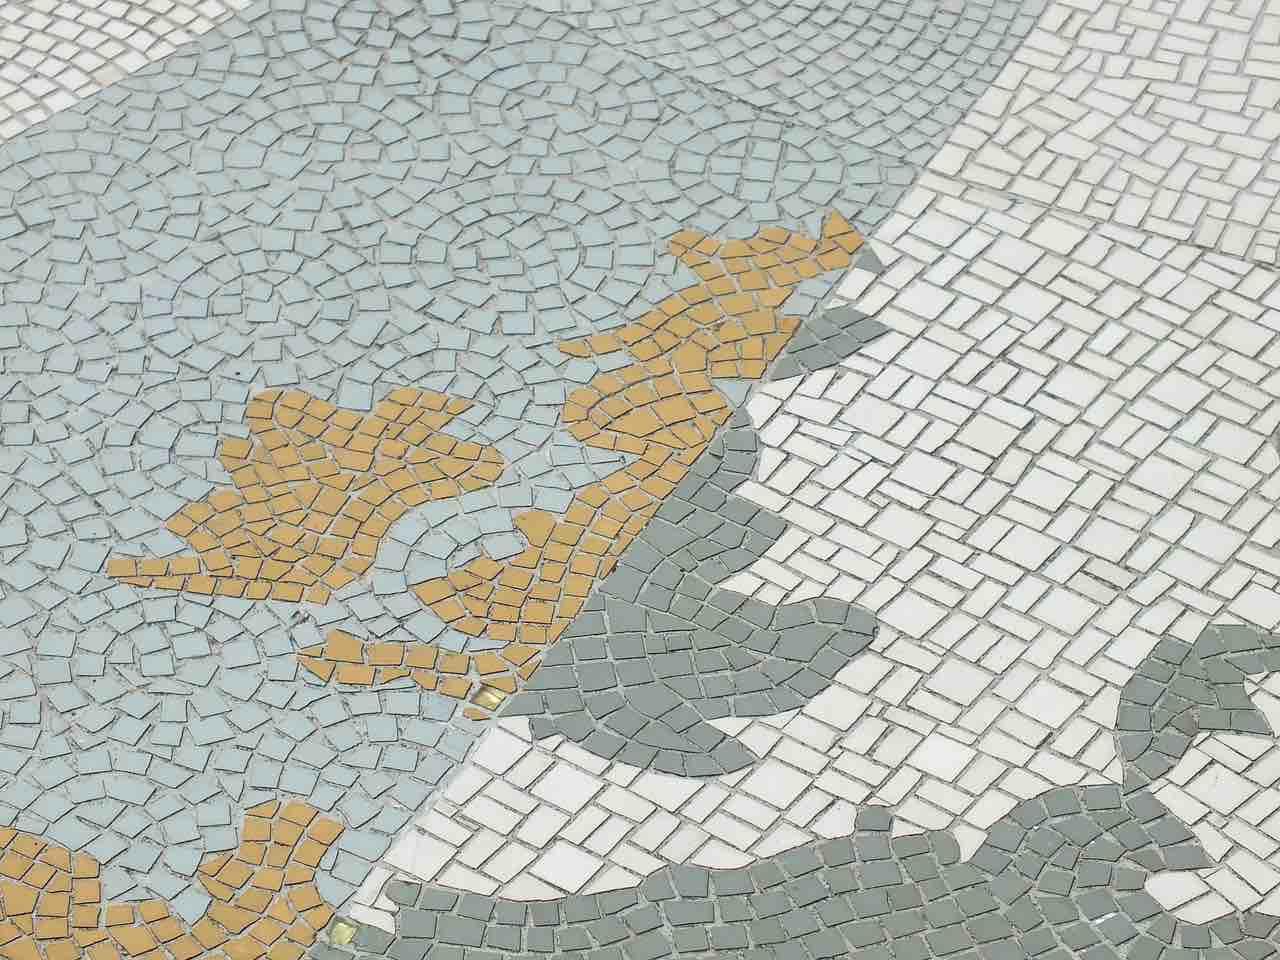 Mappa Regno Unito